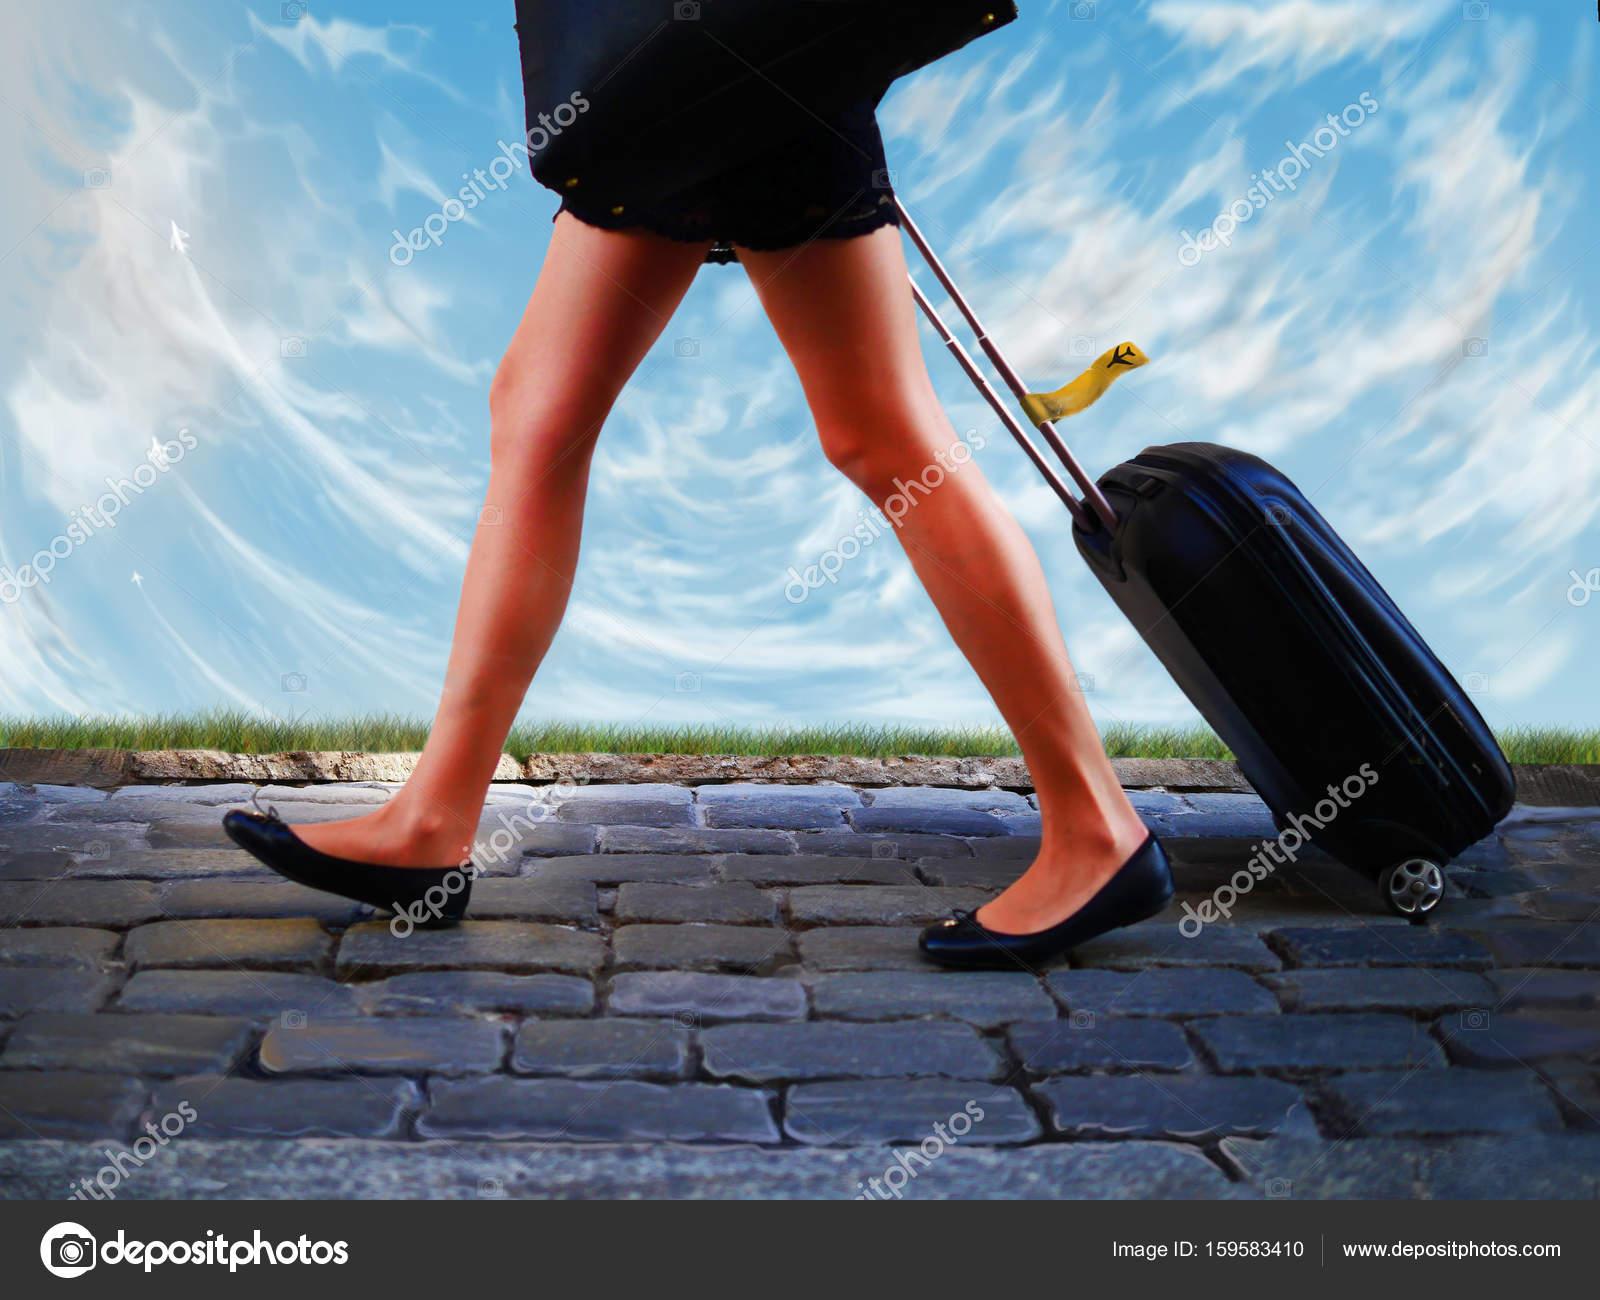 jambes de femmes valise voyage h tesse de l air h tesse de l air photographie sergetouch. Black Bedroom Furniture Sets. Home Design Ideas